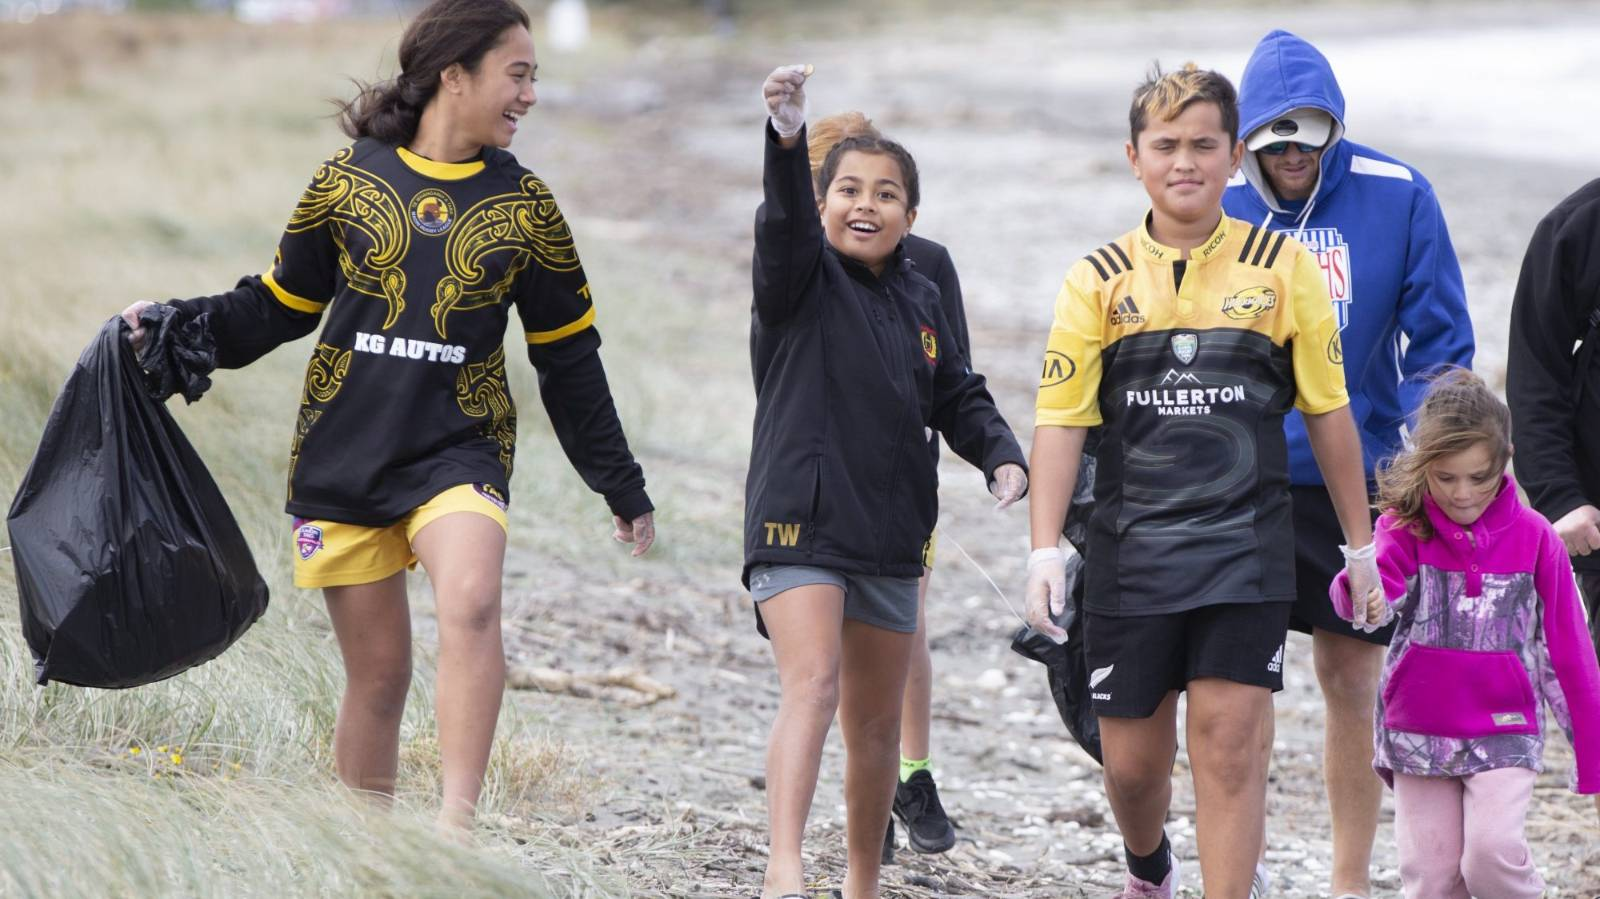 More than a beach cleanup, Māori Rugby League teaching rangatahi about tikanga